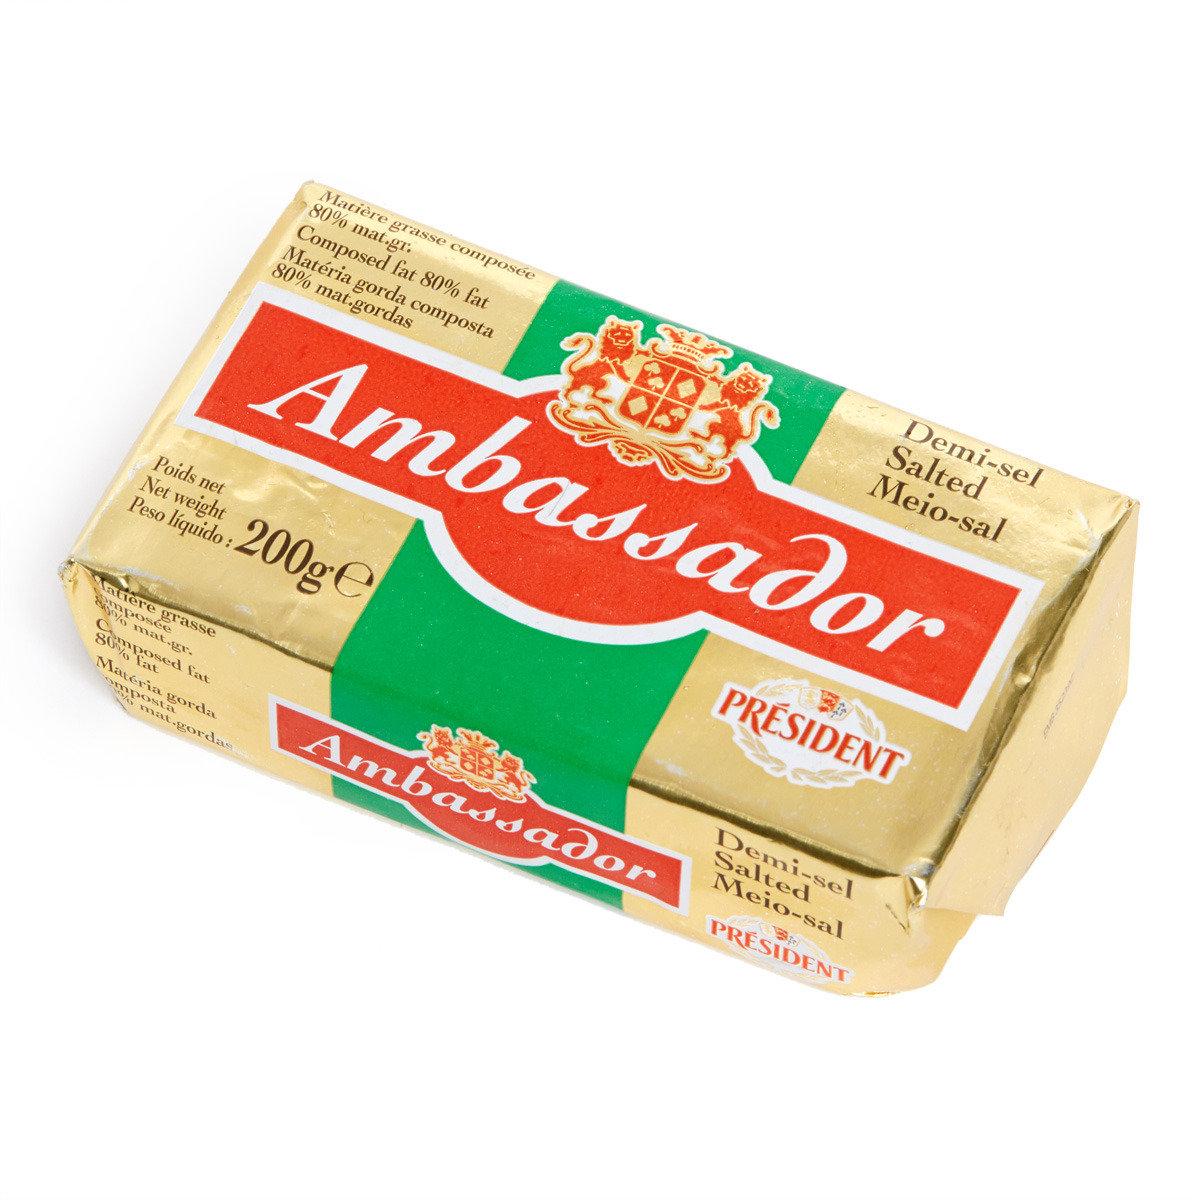 法國大使咸味混合輕牛油 (冷凍)